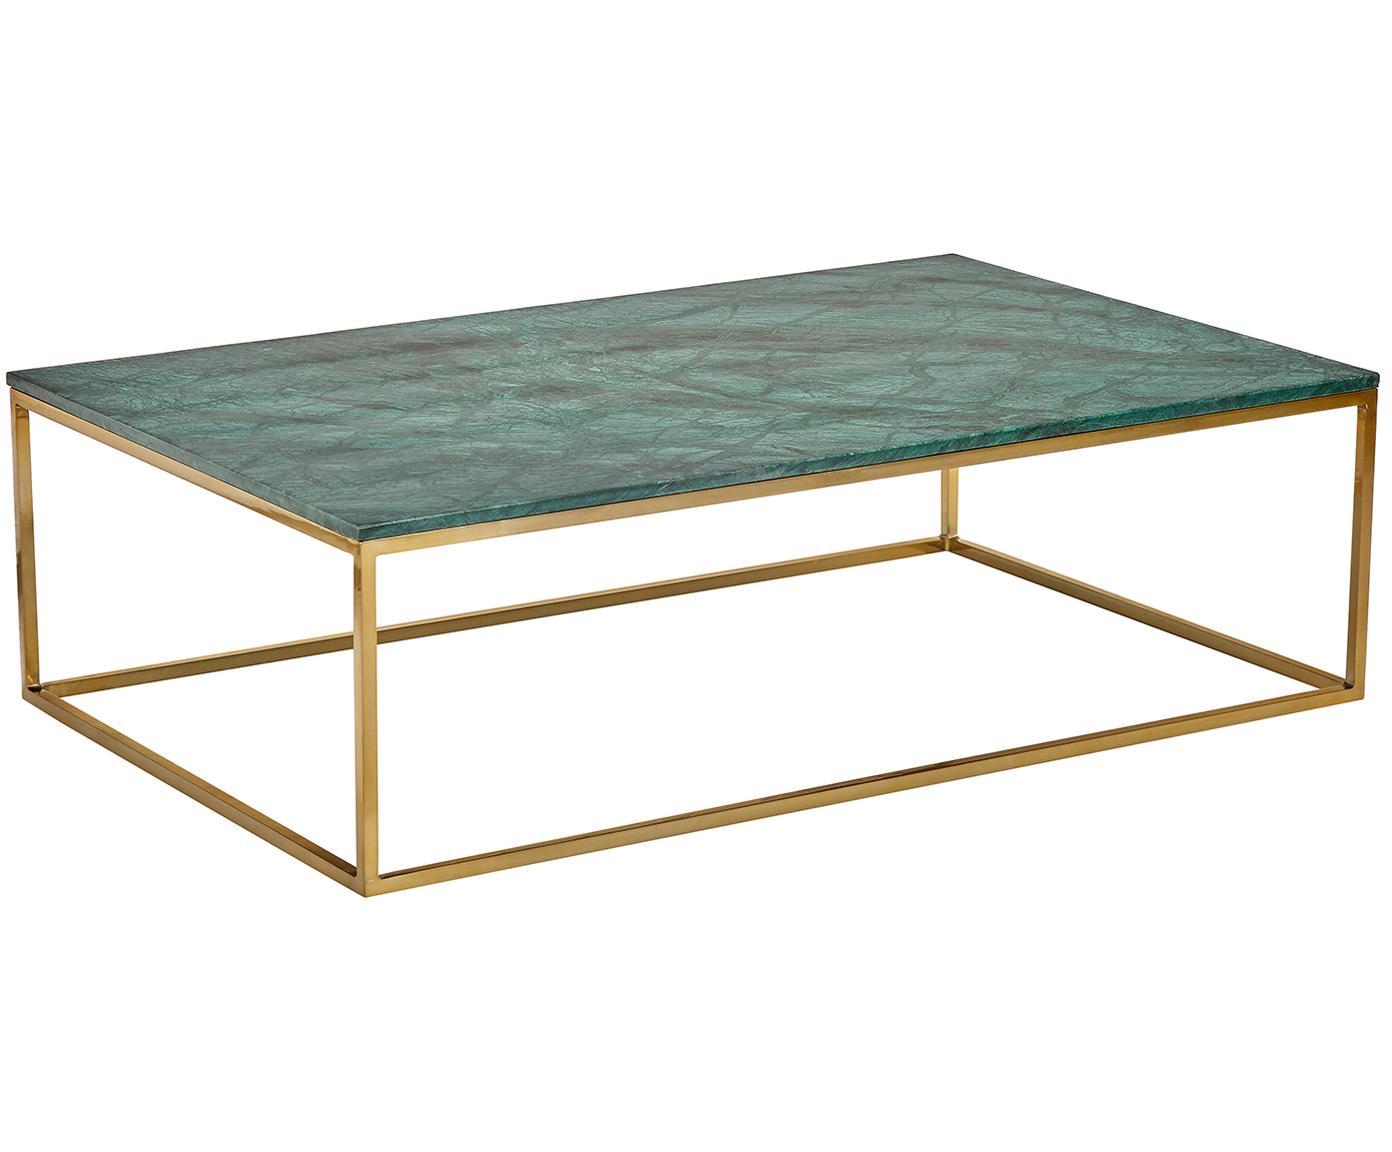 Tavolino da salotto con piano in marmo Alys, Piano d'appoggio: pietra naturale di marmo, Struttura: metallo rivestito, Marmo verde, dorato, Larg. 120 x Prof. 75 cm